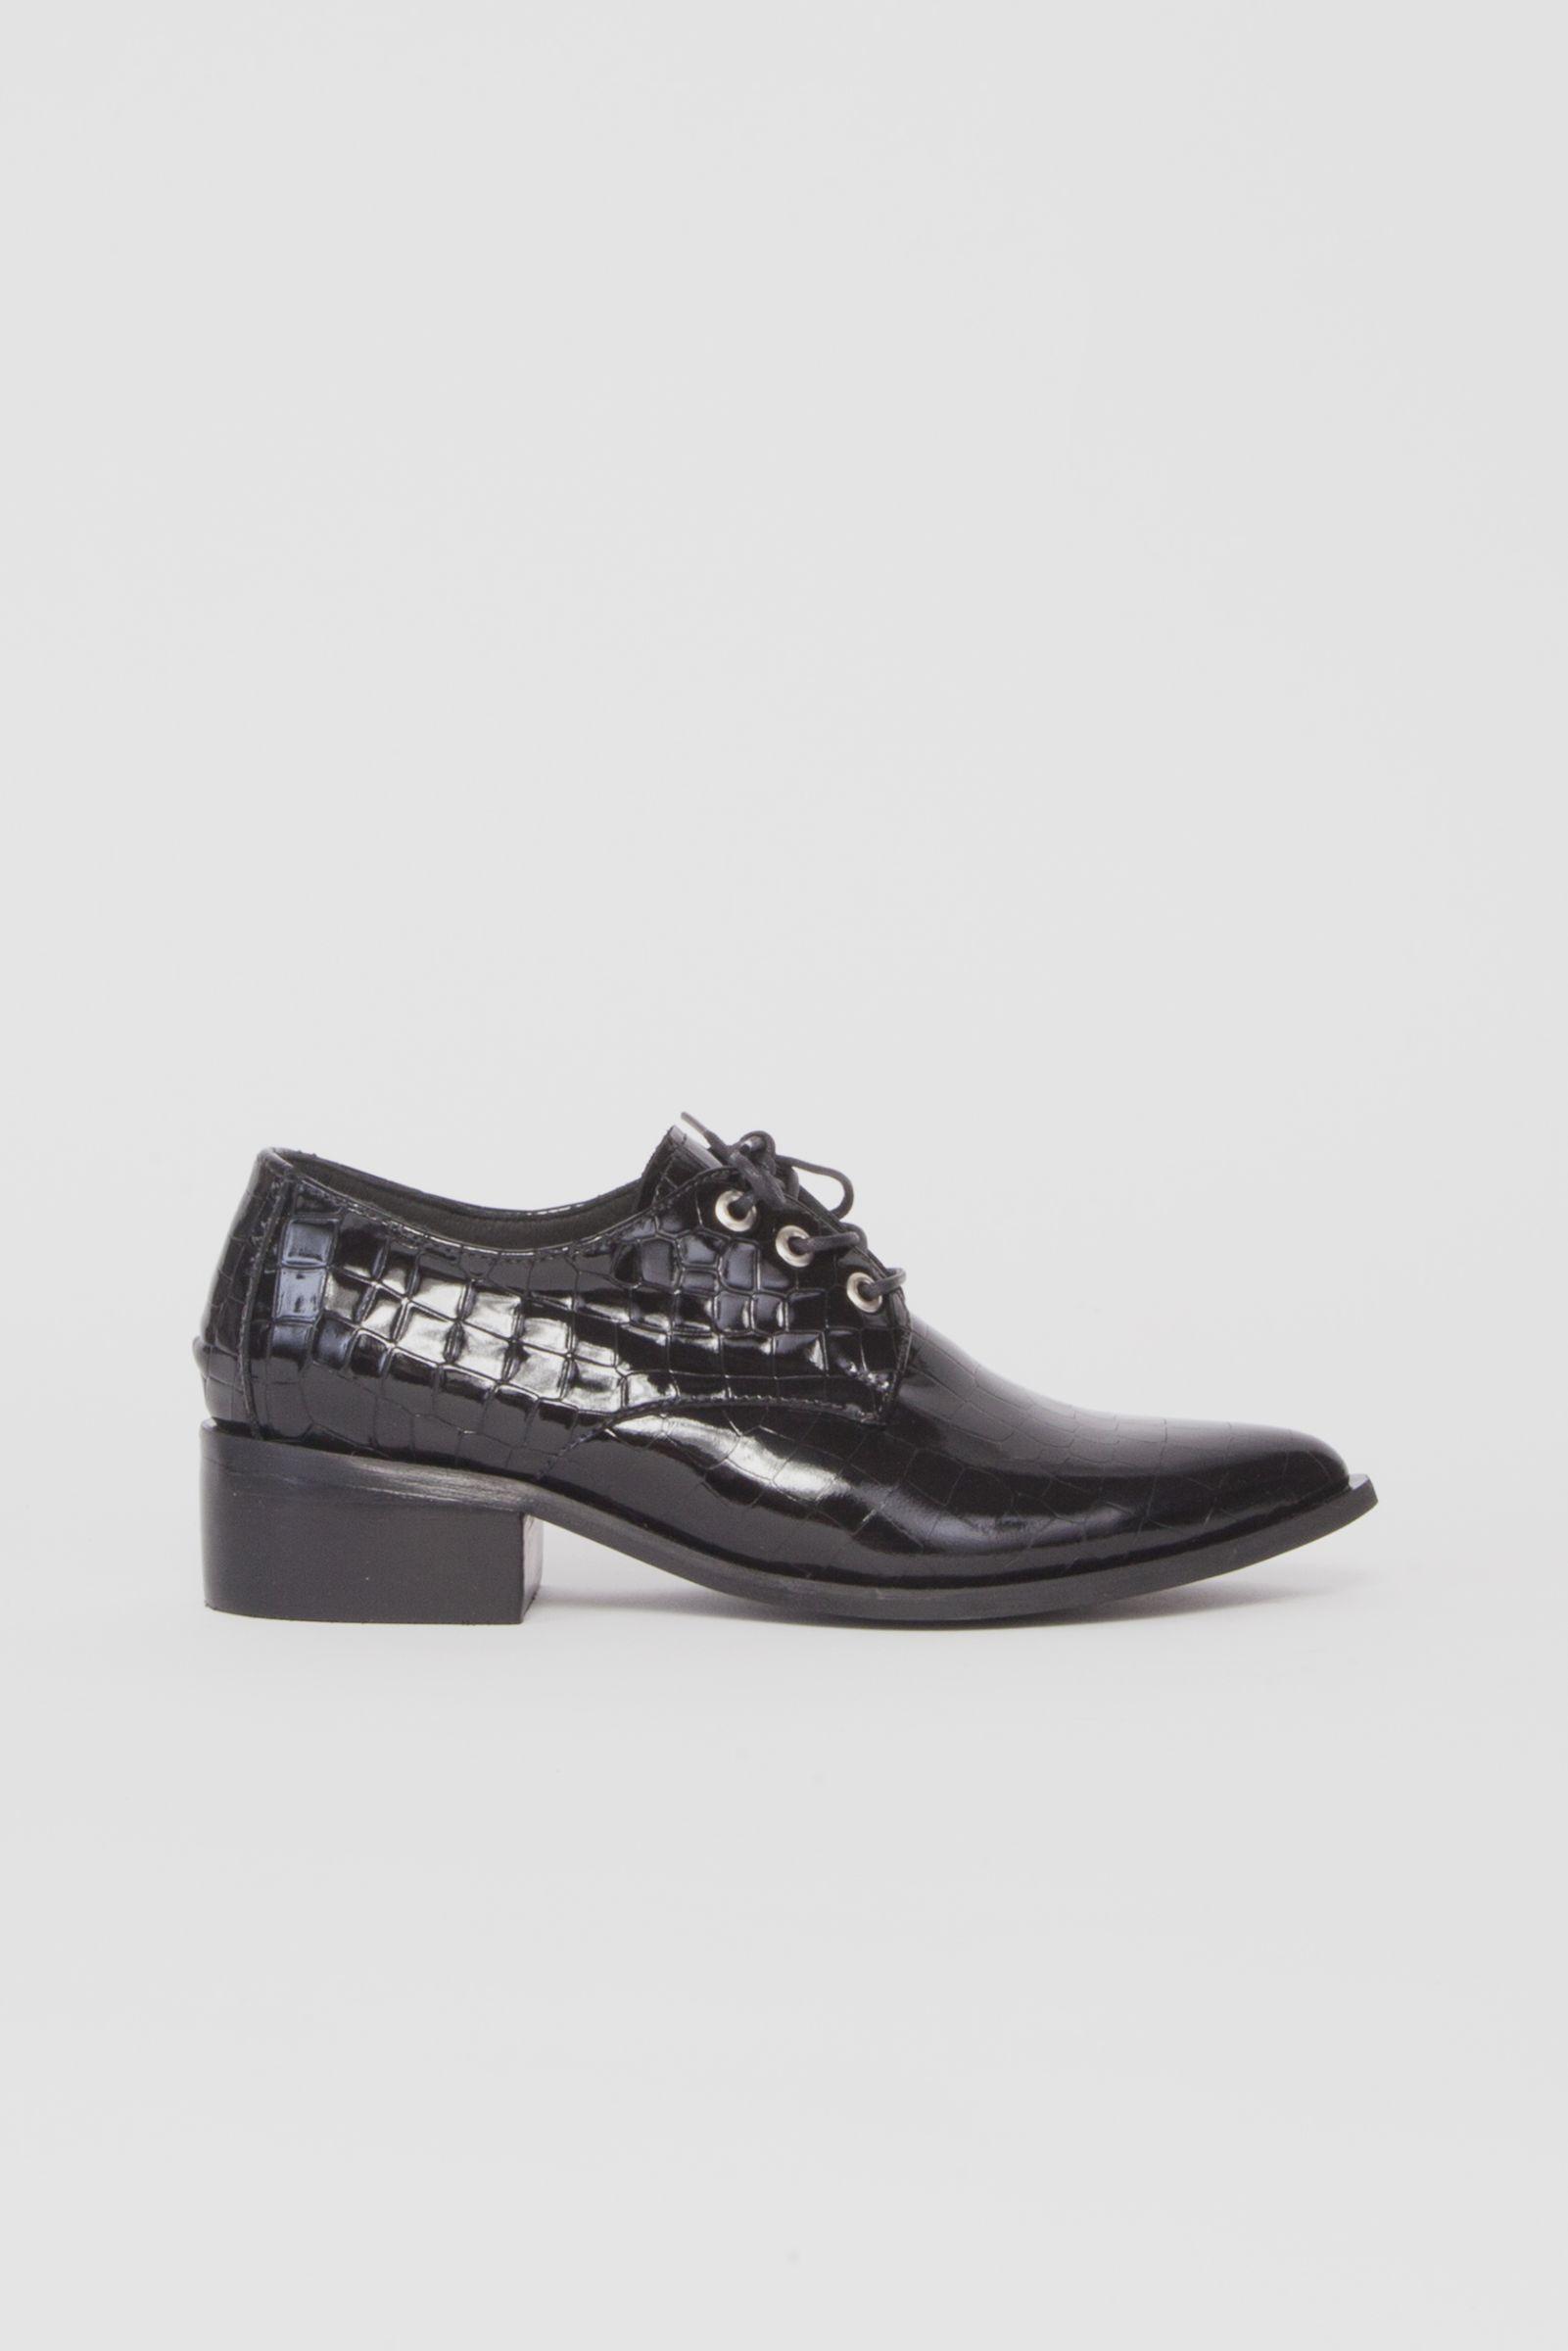 Zapato Charlie Negro Crocco